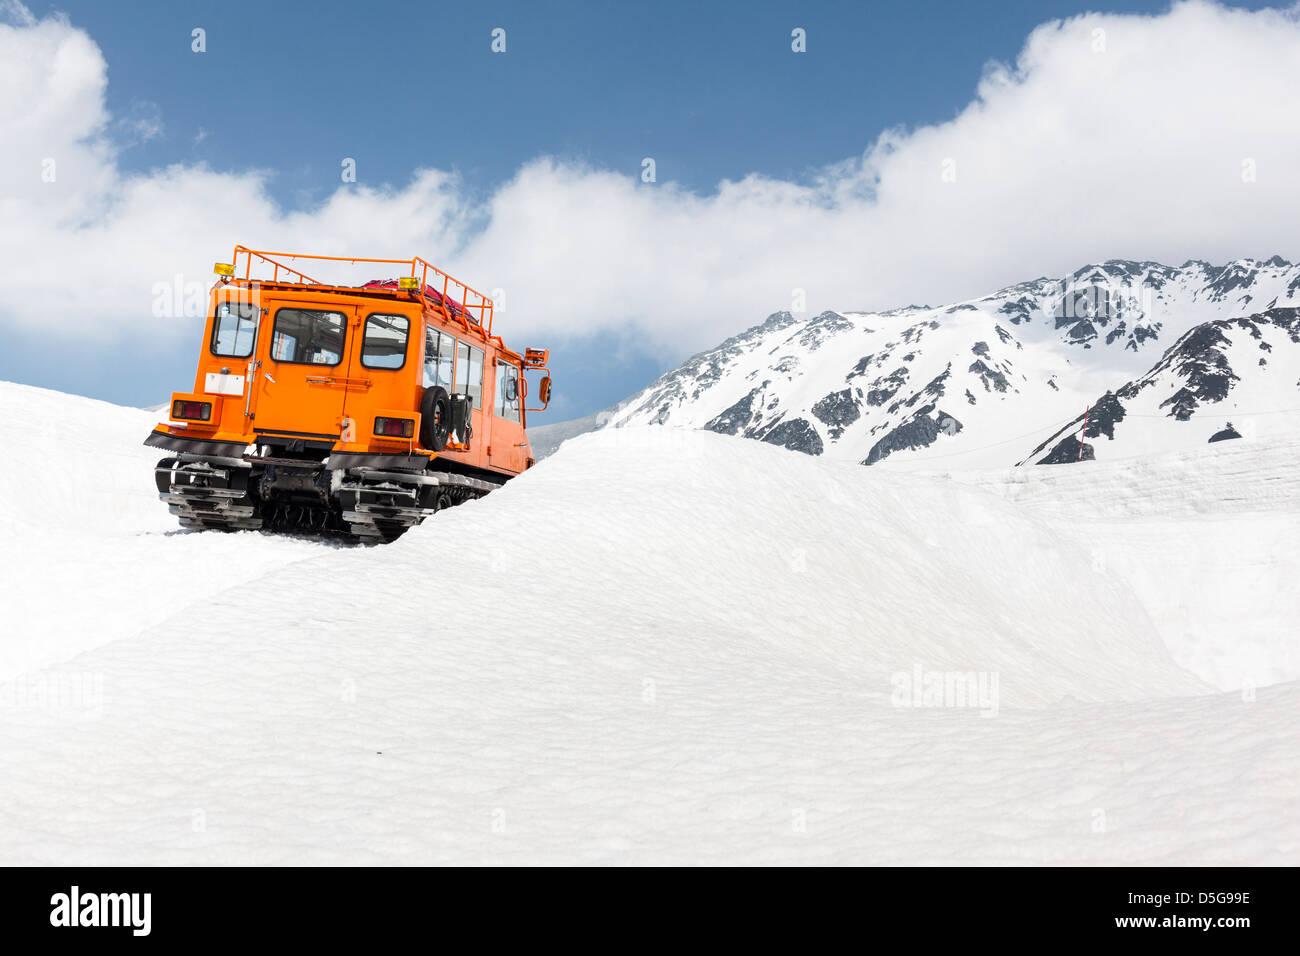 Rückansicht des einen Berg Rettungsfahrzeug mit Raupen auf einem schneebedeckten Berg Stockbild